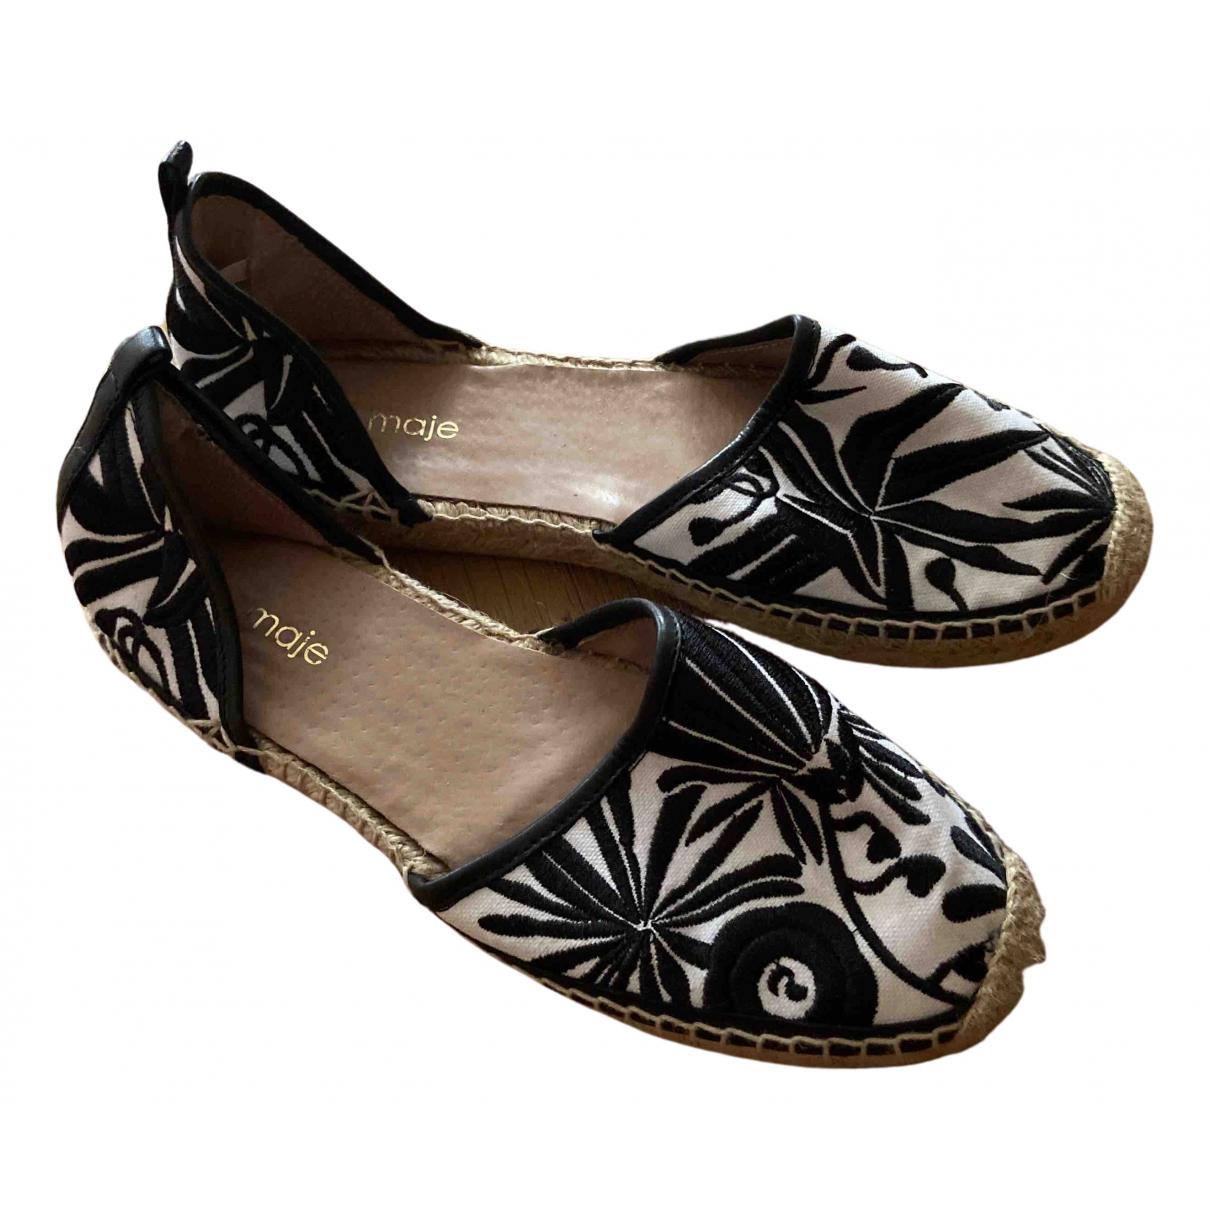 Sandalias de Cuero Maje